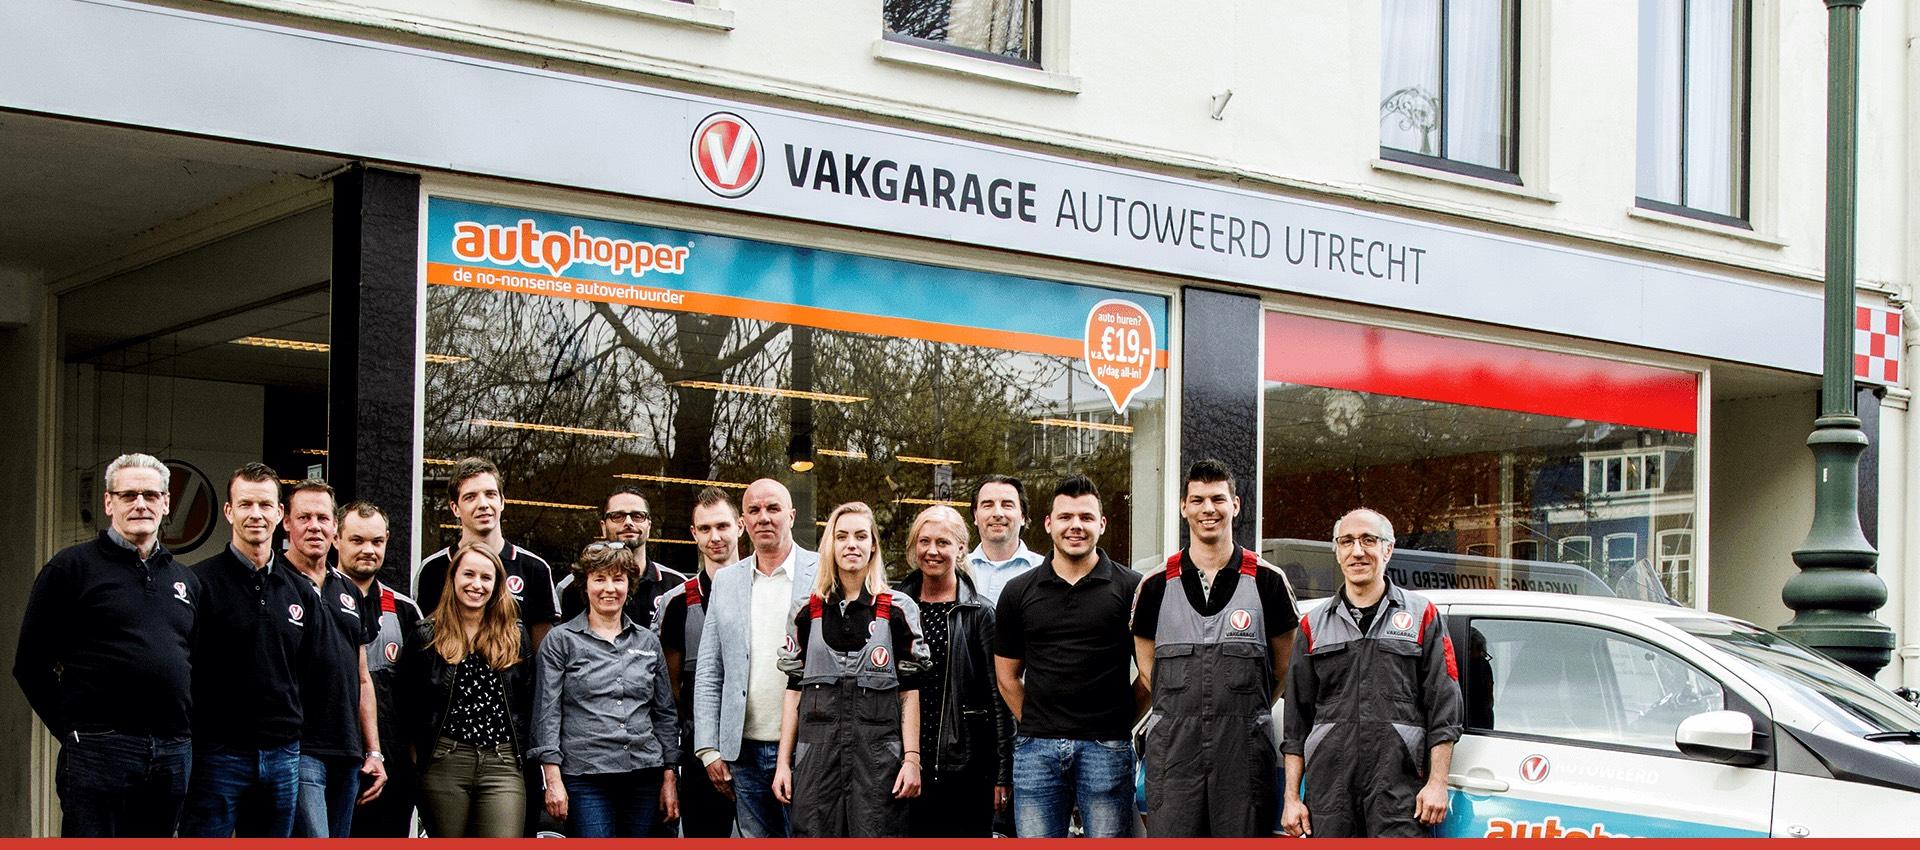 openingstijden autoweerd Vakgarage Utrecht APK onderhoud reparatie